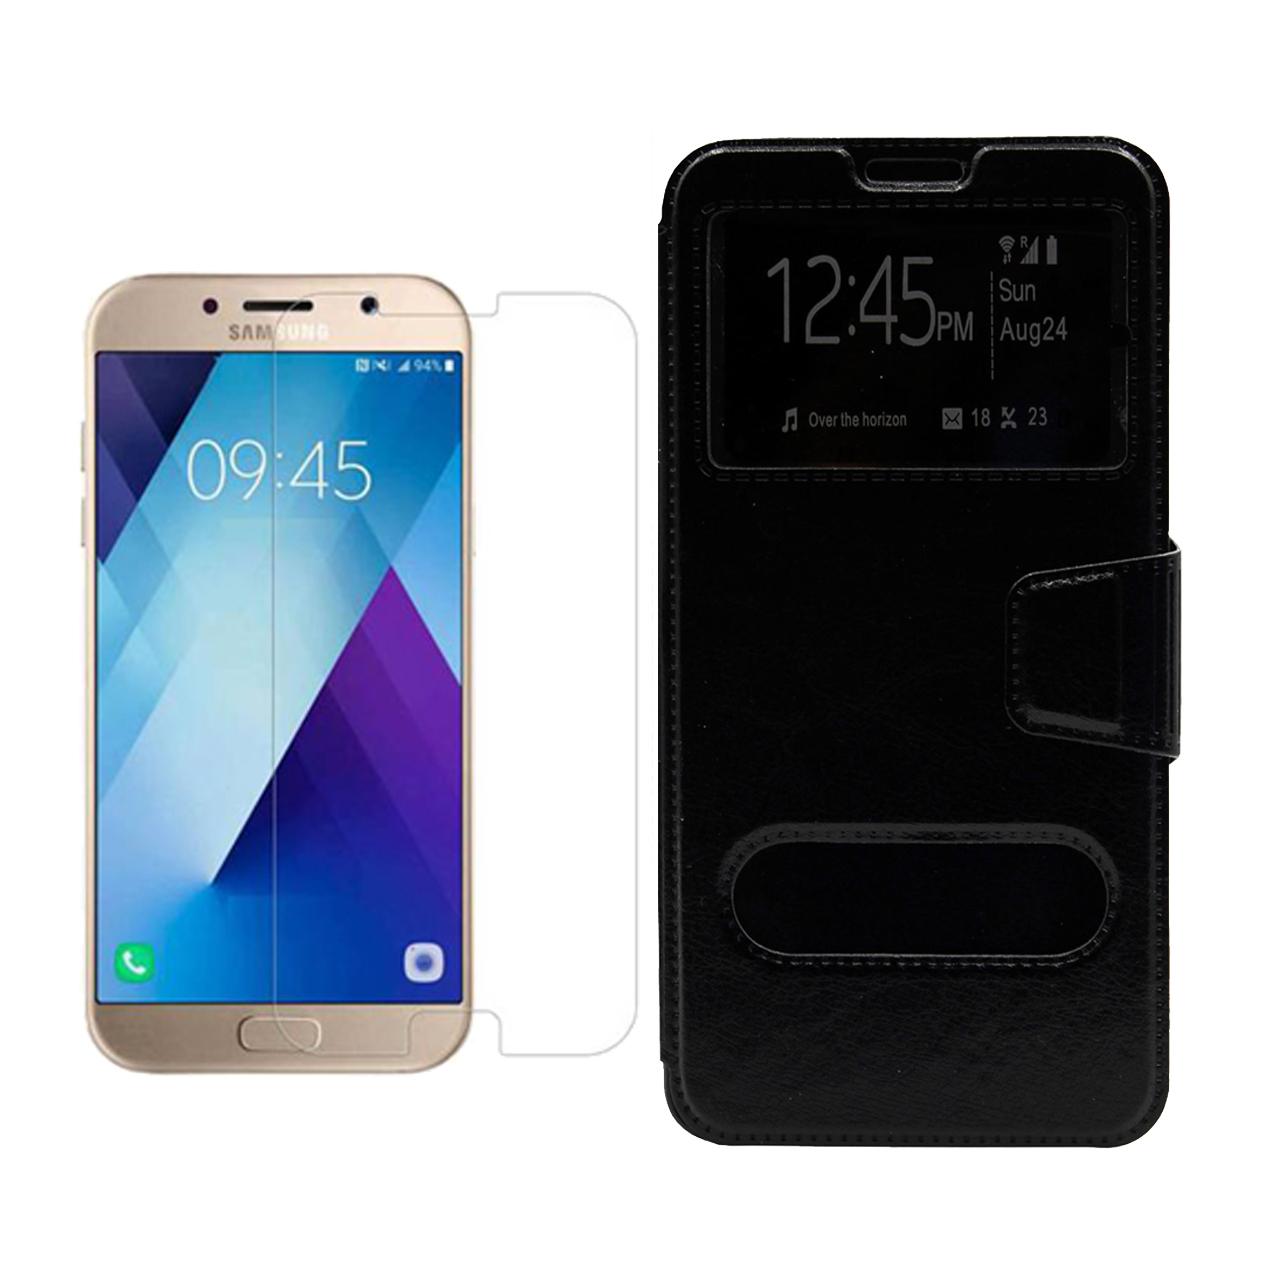 کیف کلاسوری مسیر مدل MKSH-MGM-1 مناسب برای گوشی موبایل سامسونگ Galaxy A7 2017/A720 به همراه محافظ صفحه نمایش